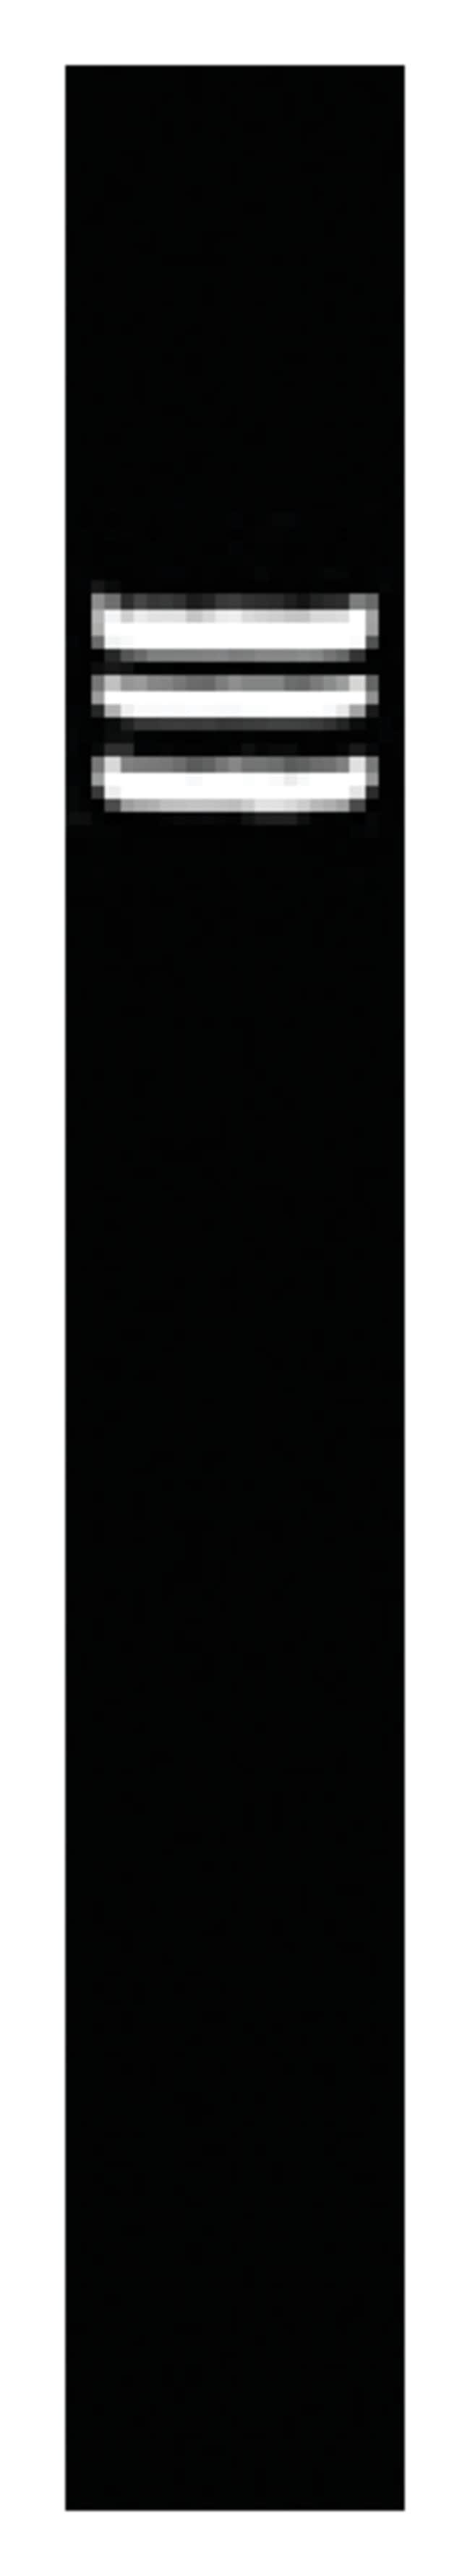 Thermo Scientific™Cfr9I (XmaI)